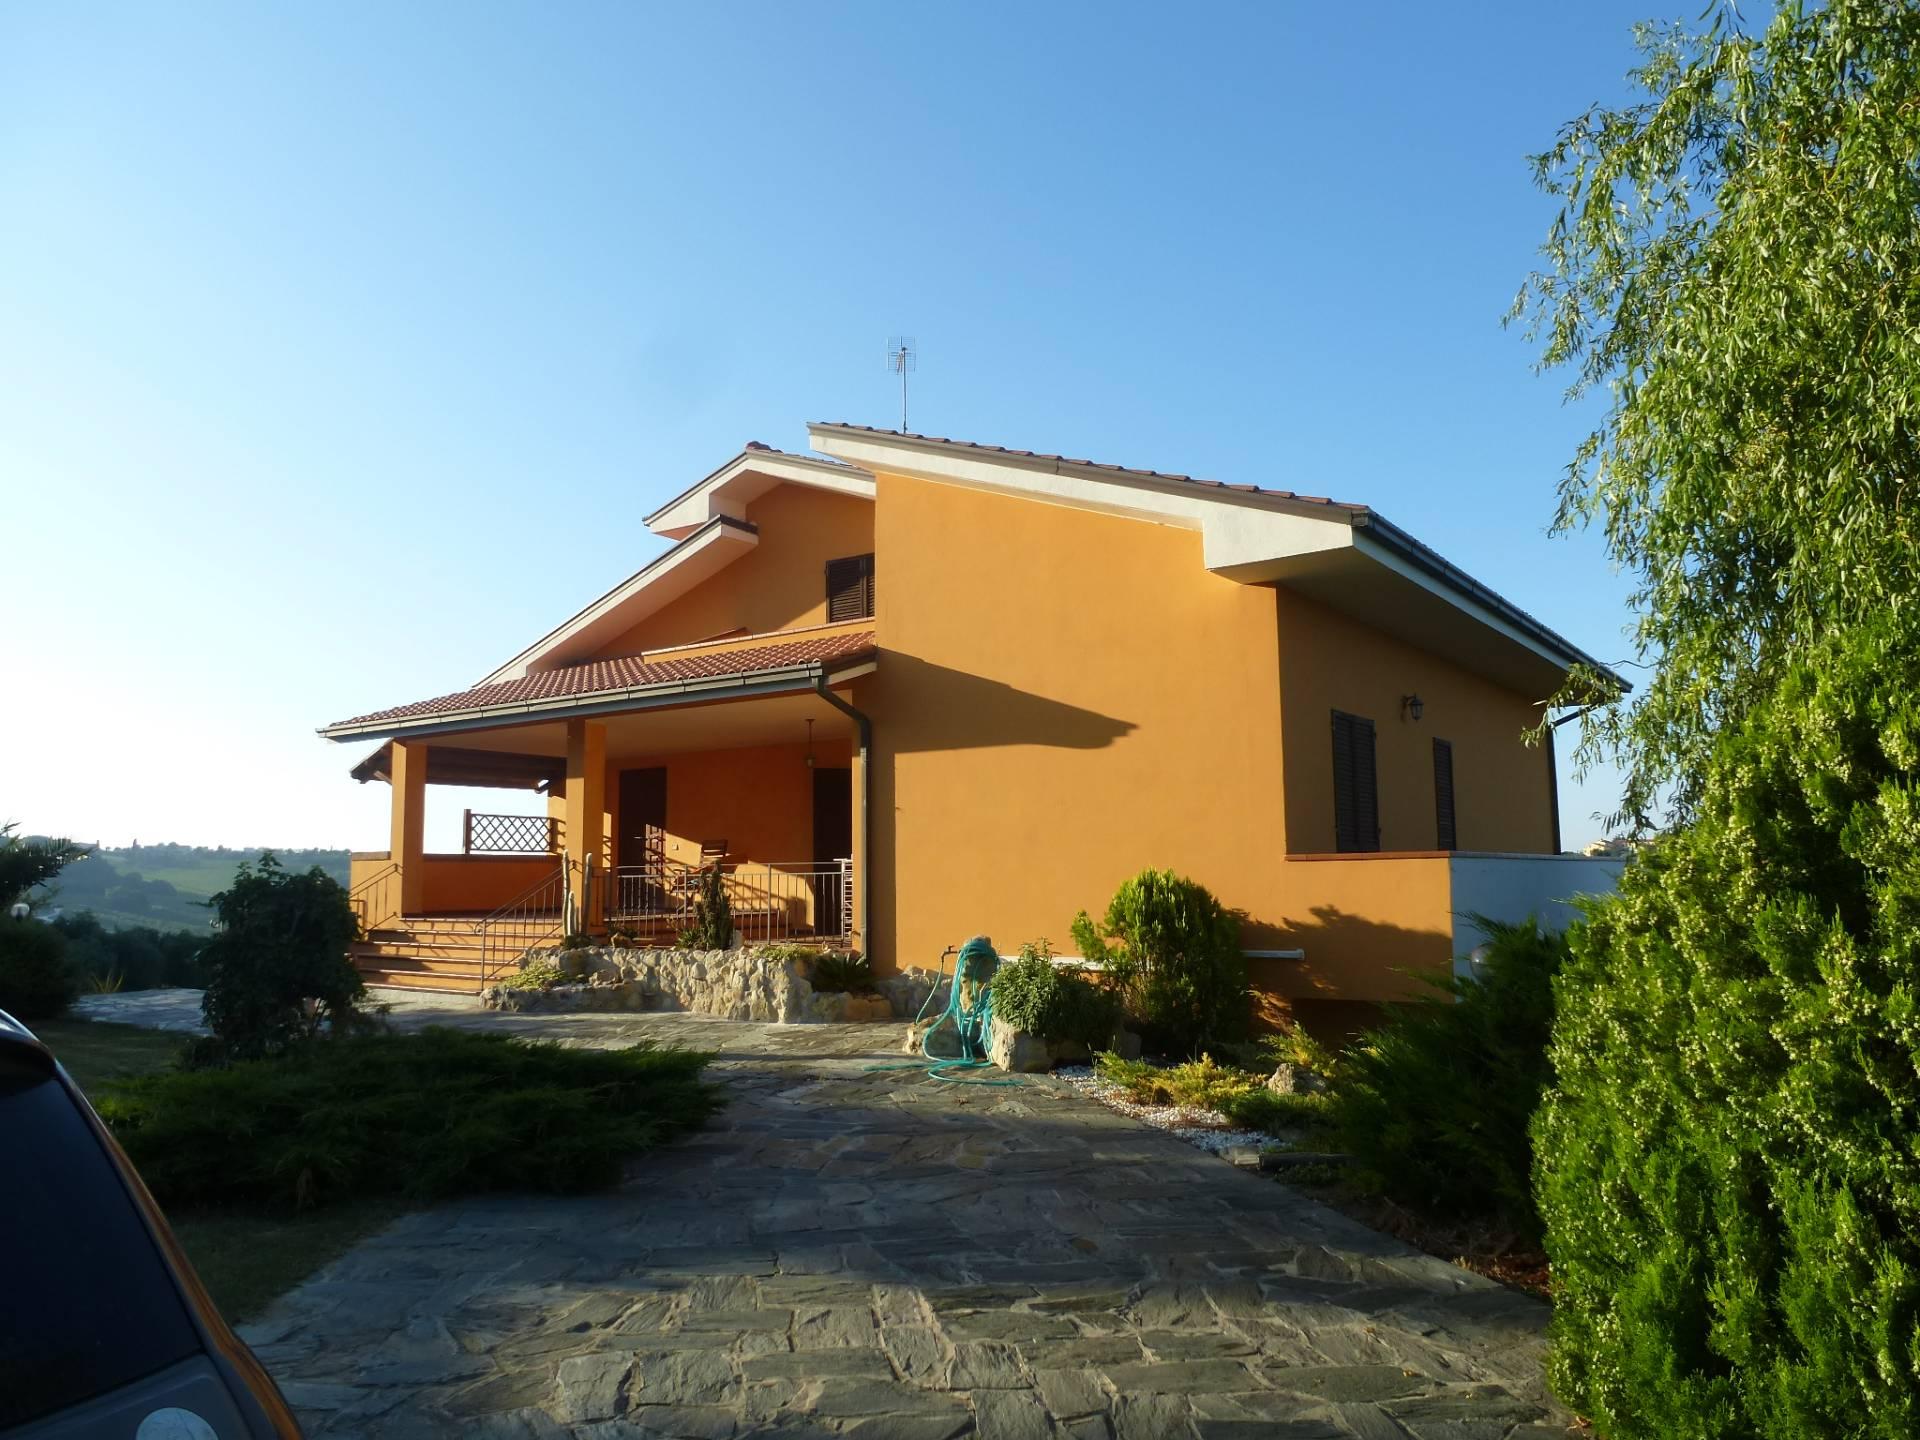 Casa a Potenza Picena (Macerata)